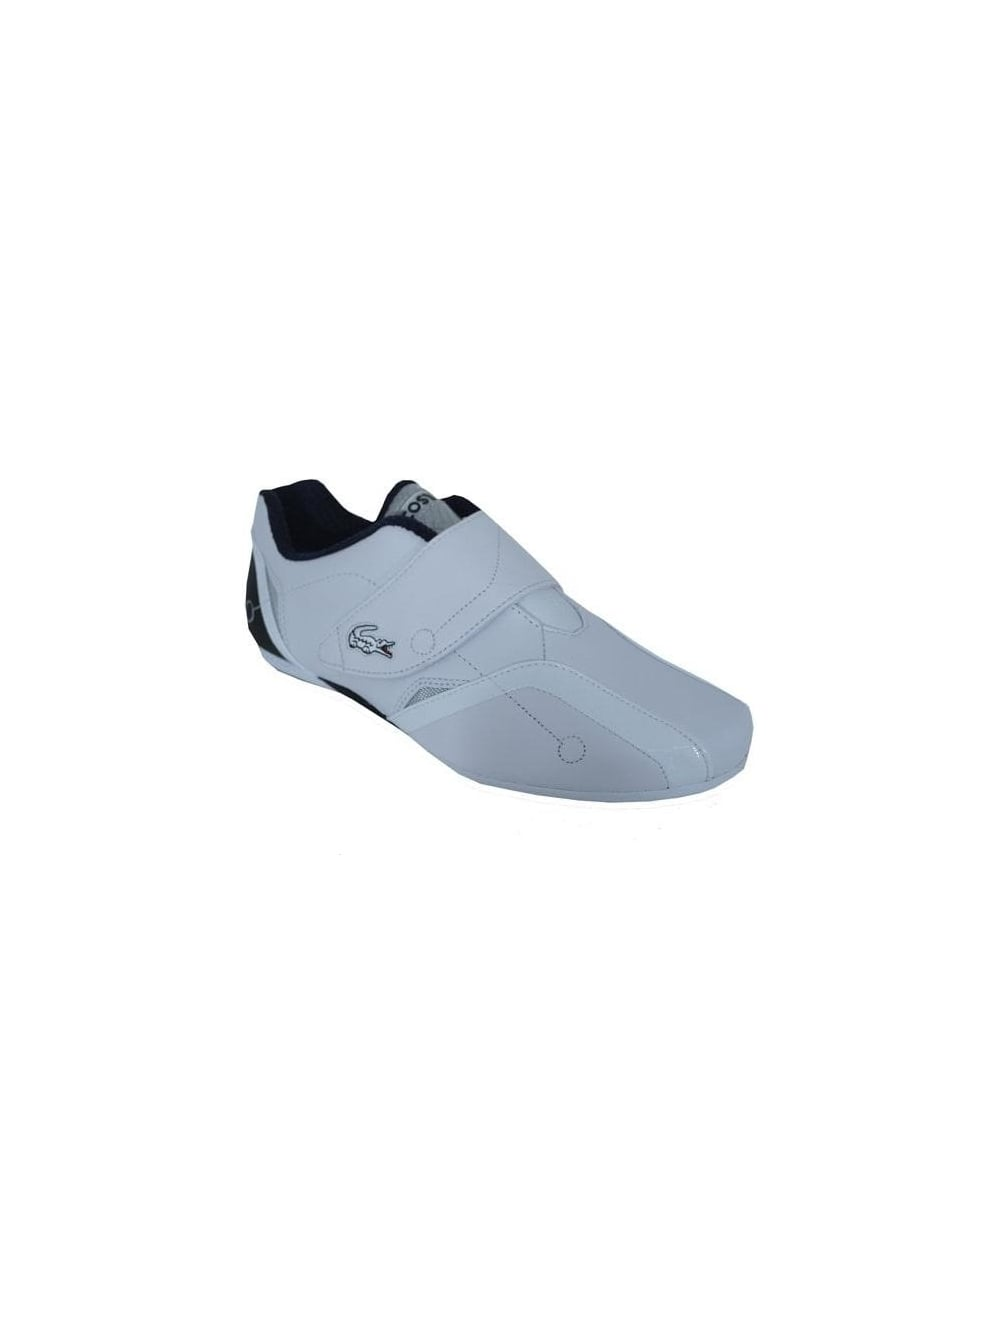 66dd144cd54fa2 Lacoste - Lacoste Protect MIC SPM Trainers - White - Mens Designer ...